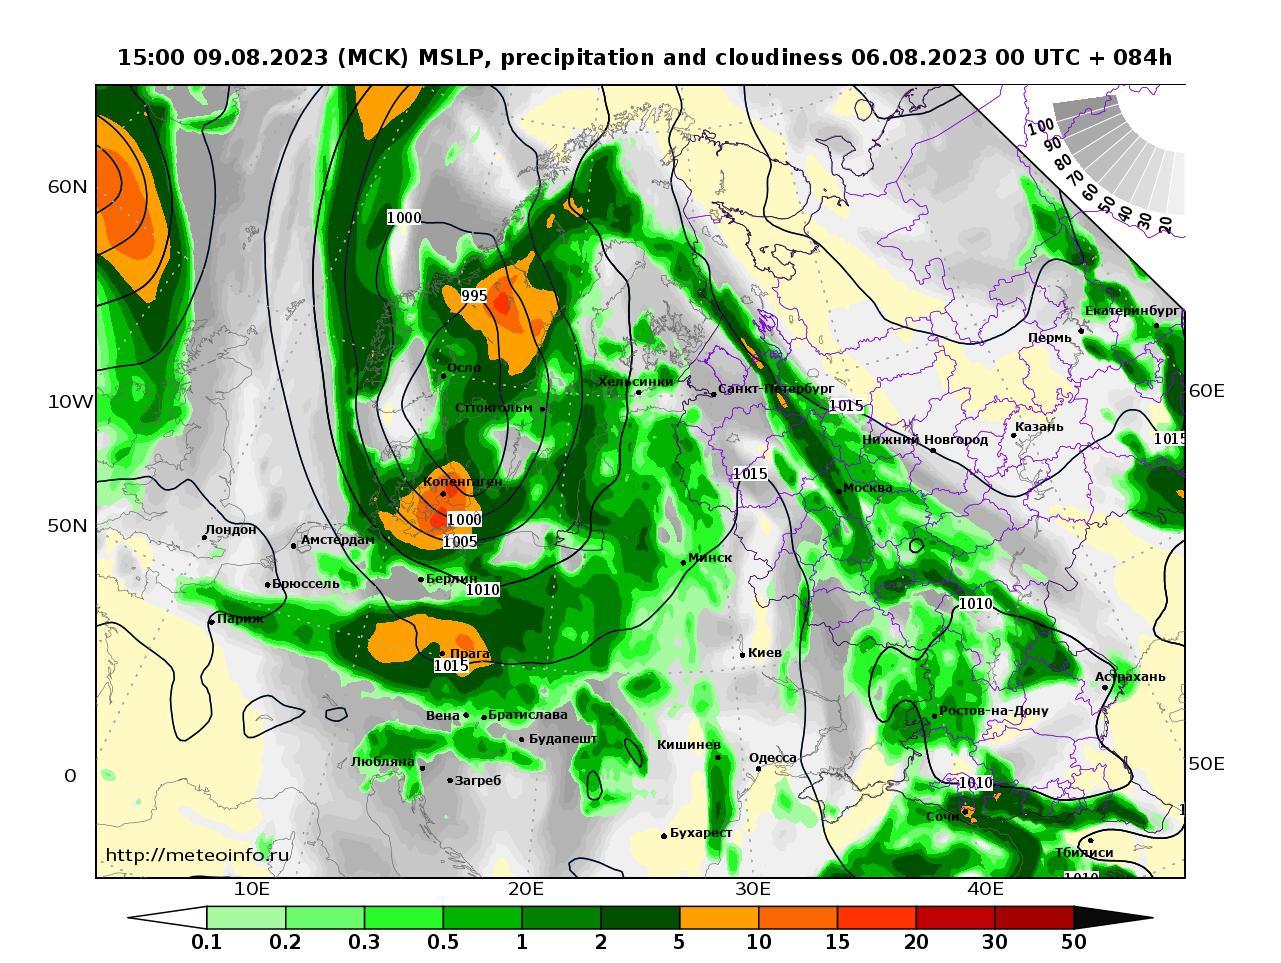 Европейская территория России, прогностическая карта осадки и давление, заблаговременность прогноза 84 часа